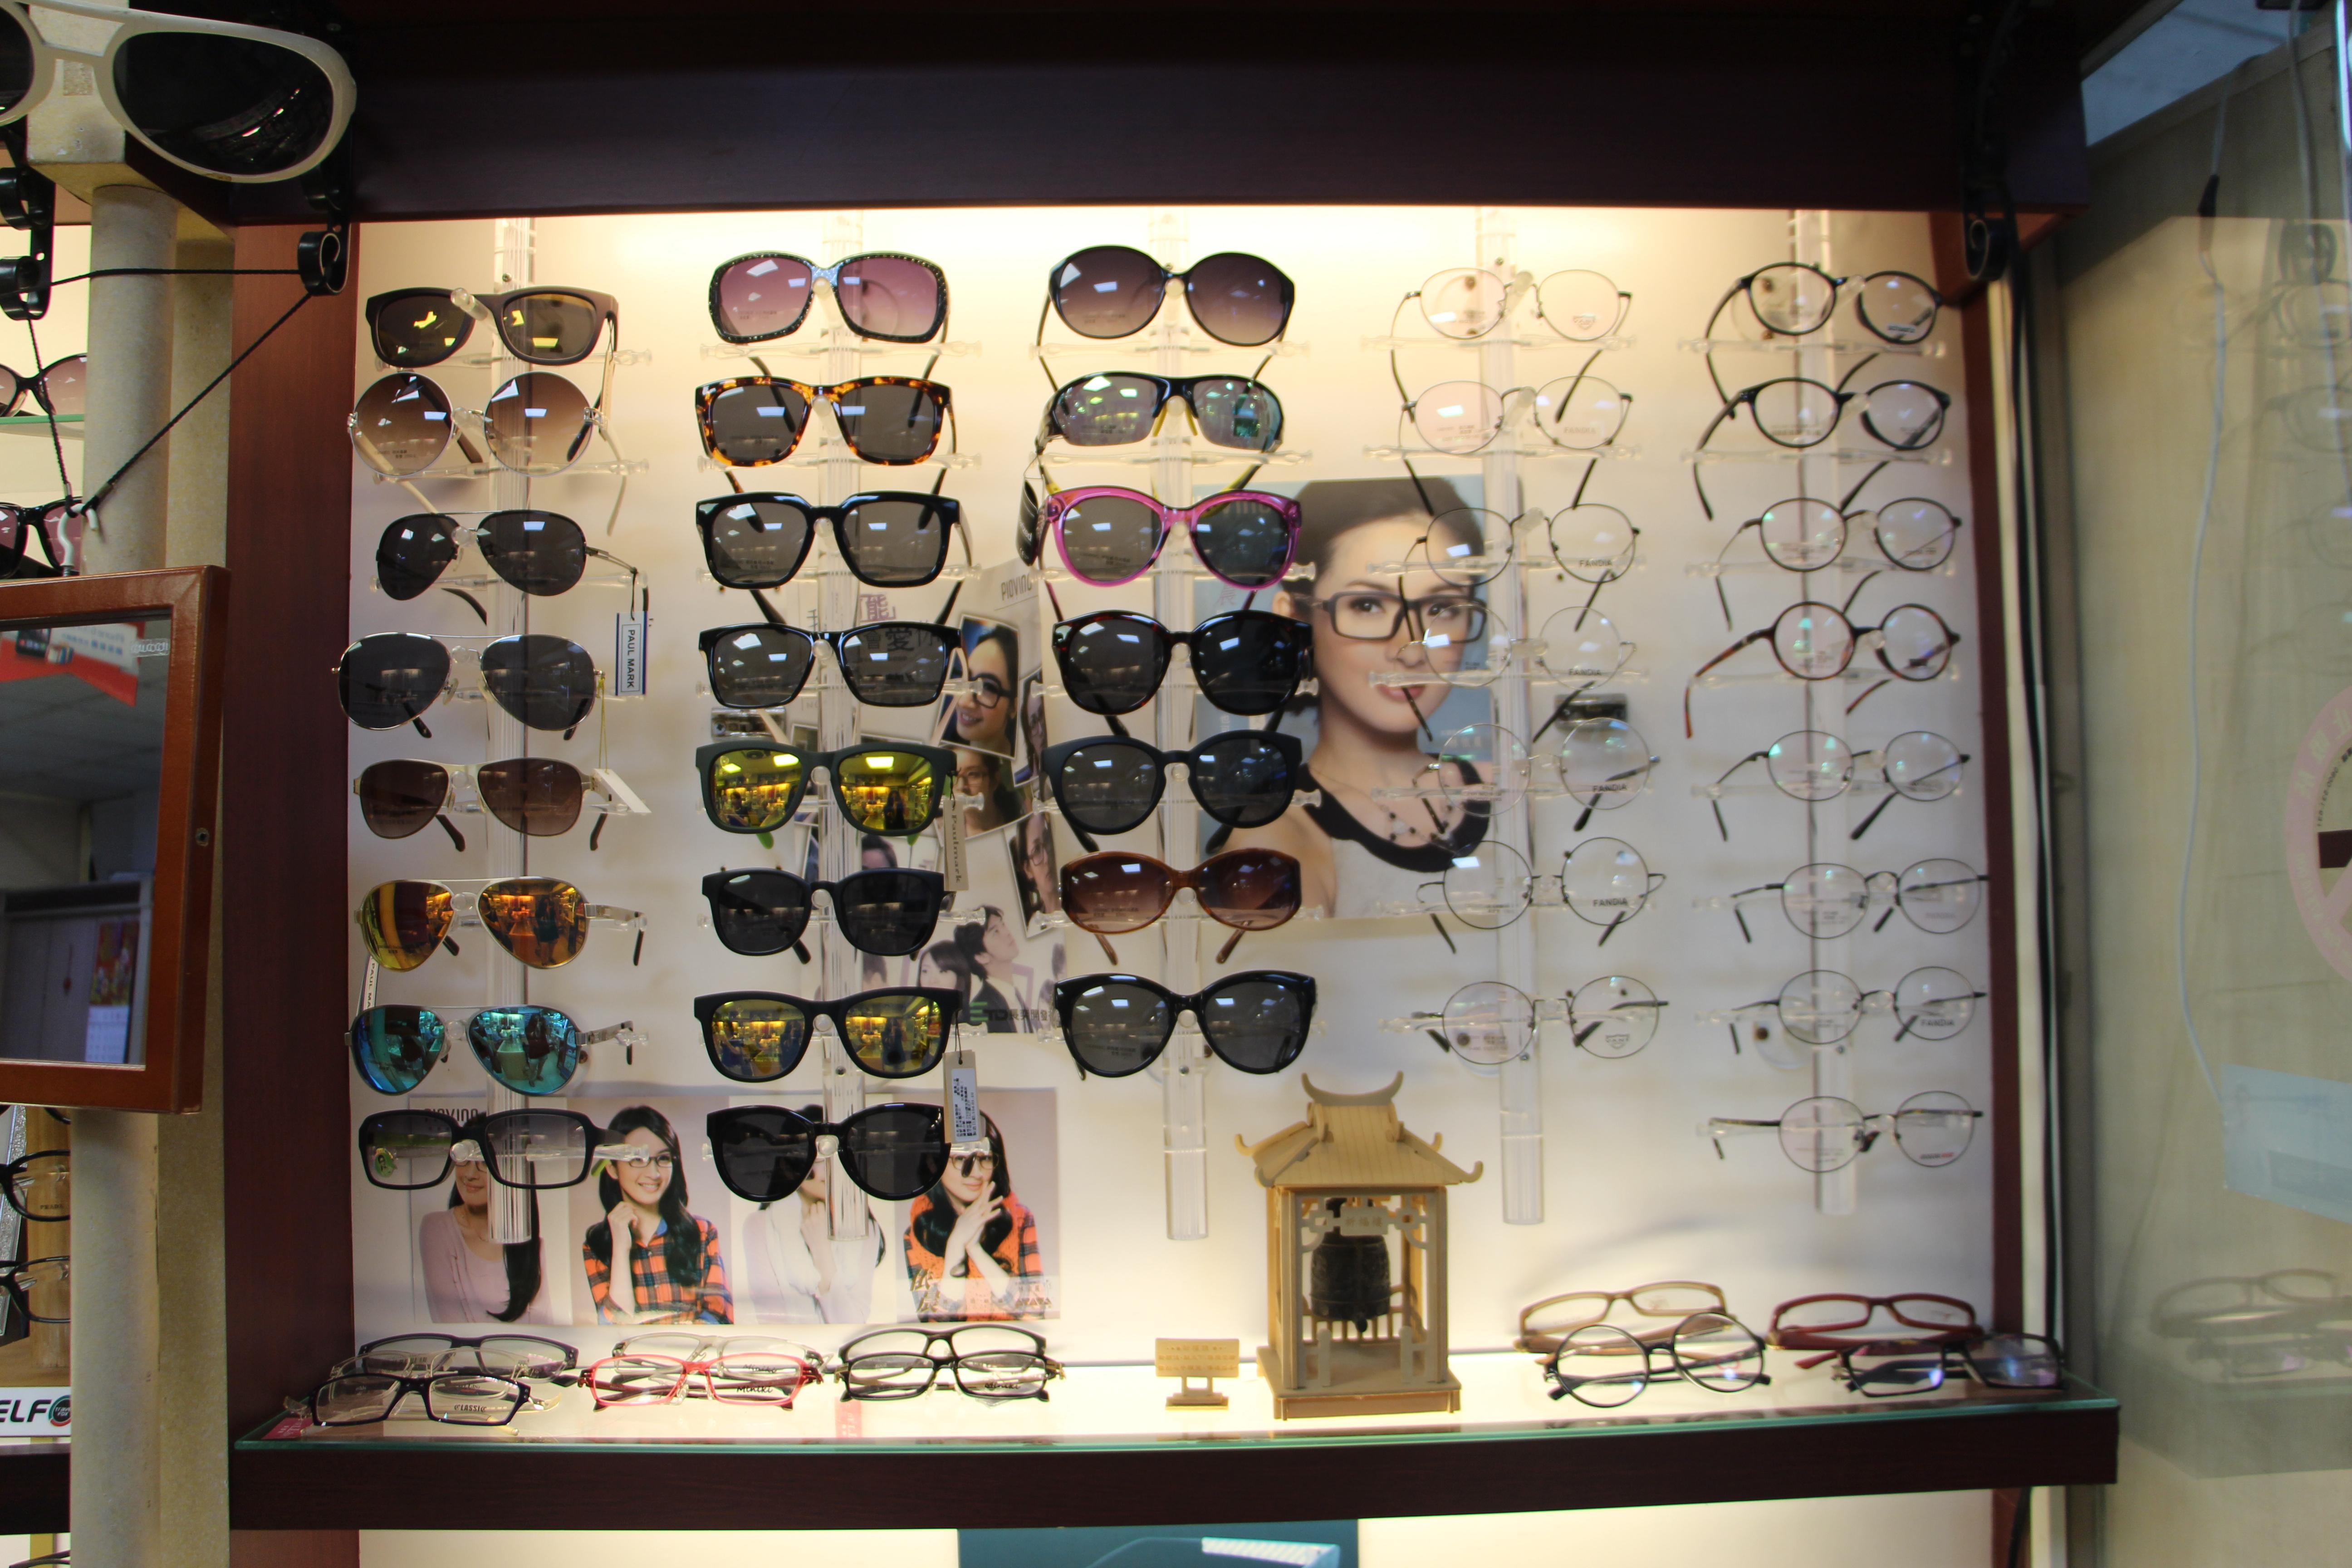 搭配自己的氣質挑選適合自己的眼鏡。攝影/蘇蓉 、王域瑾